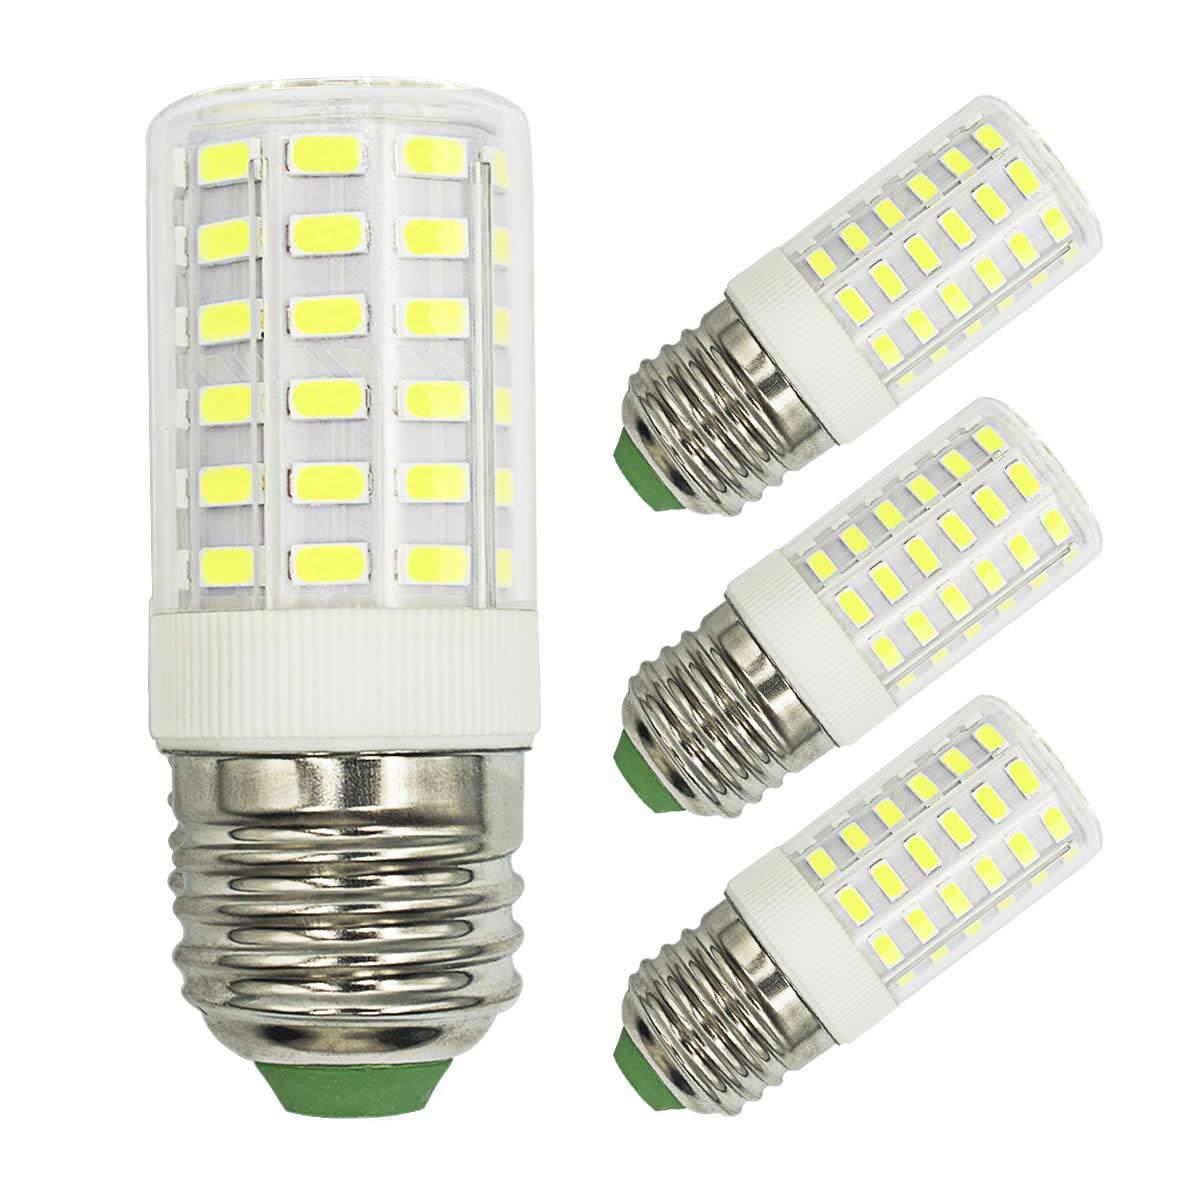 100W Halogen Equivalent Daylight White 6000K LED Light Bulbs, 1000 Lumen 7W, AC 100-265V, E26 Medium Screw Base, Non-Dimmable, 360°Beam Angle No Flicker led Bulb (Pack of 3)